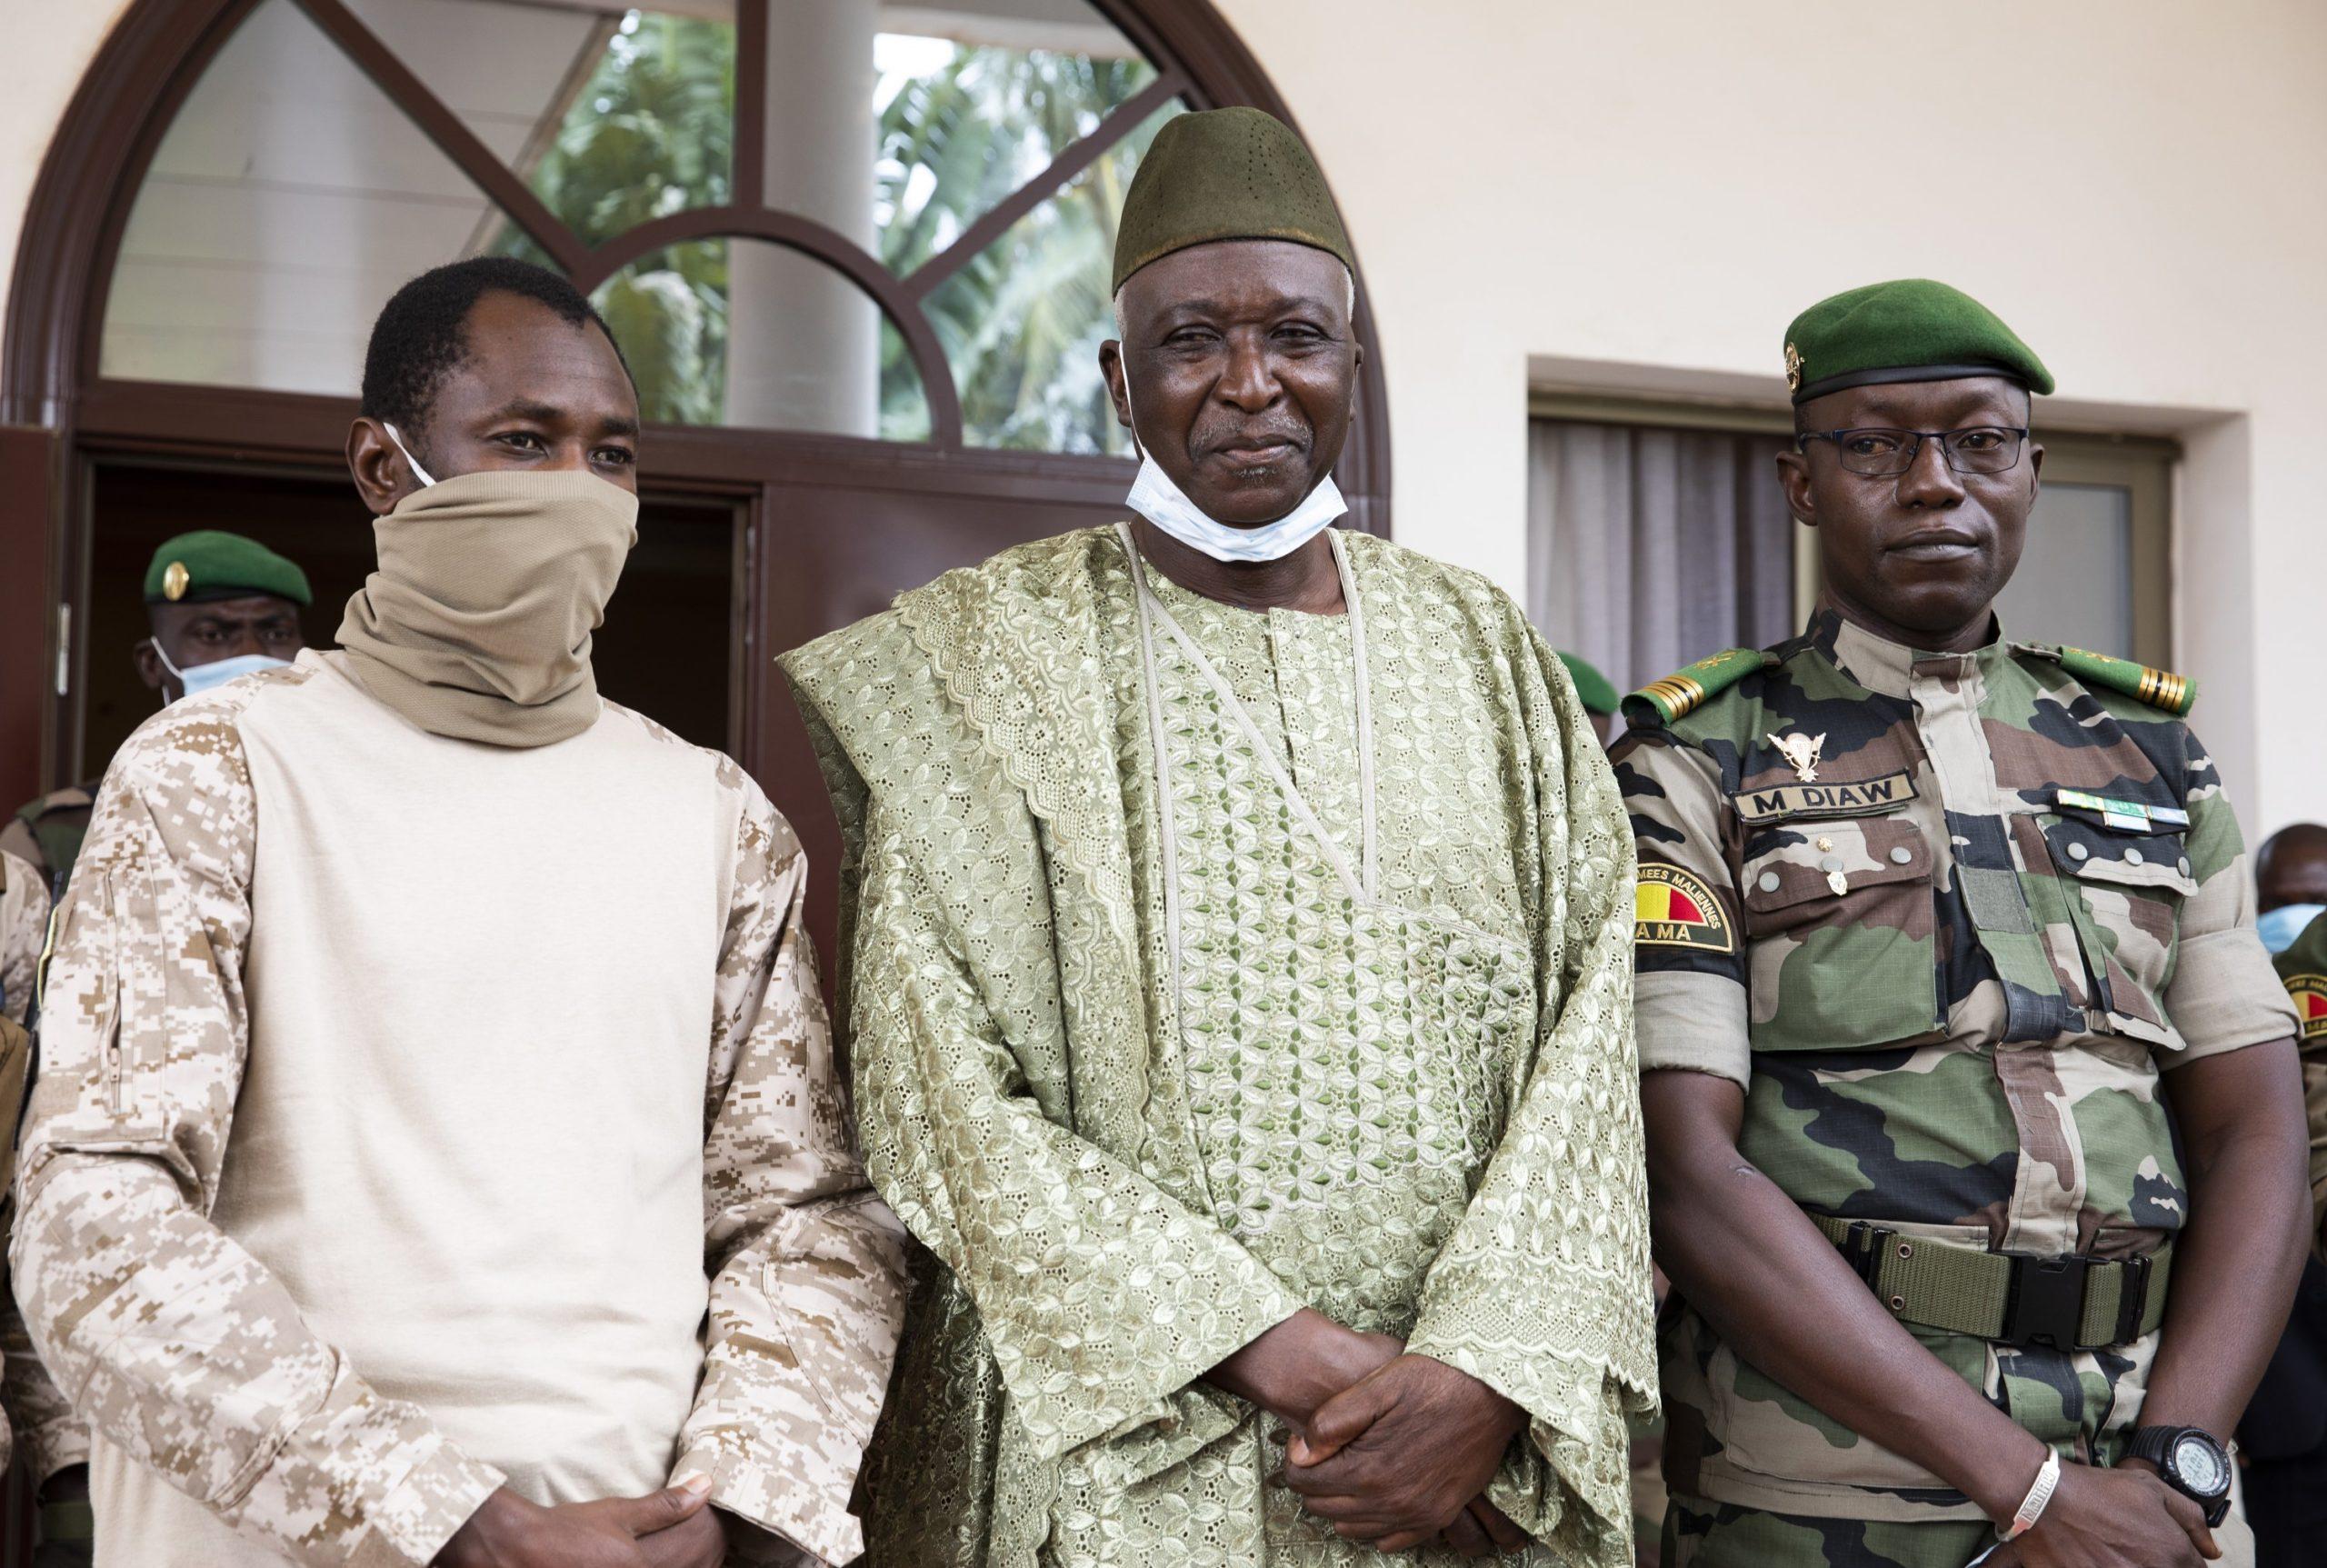 معاون انتقالی رییس جمهور مالی روز سه شنبه اعلام کرد که رییس جمهور انتقالی و نخست وزیر را از طریق کودتا خلع کرده است